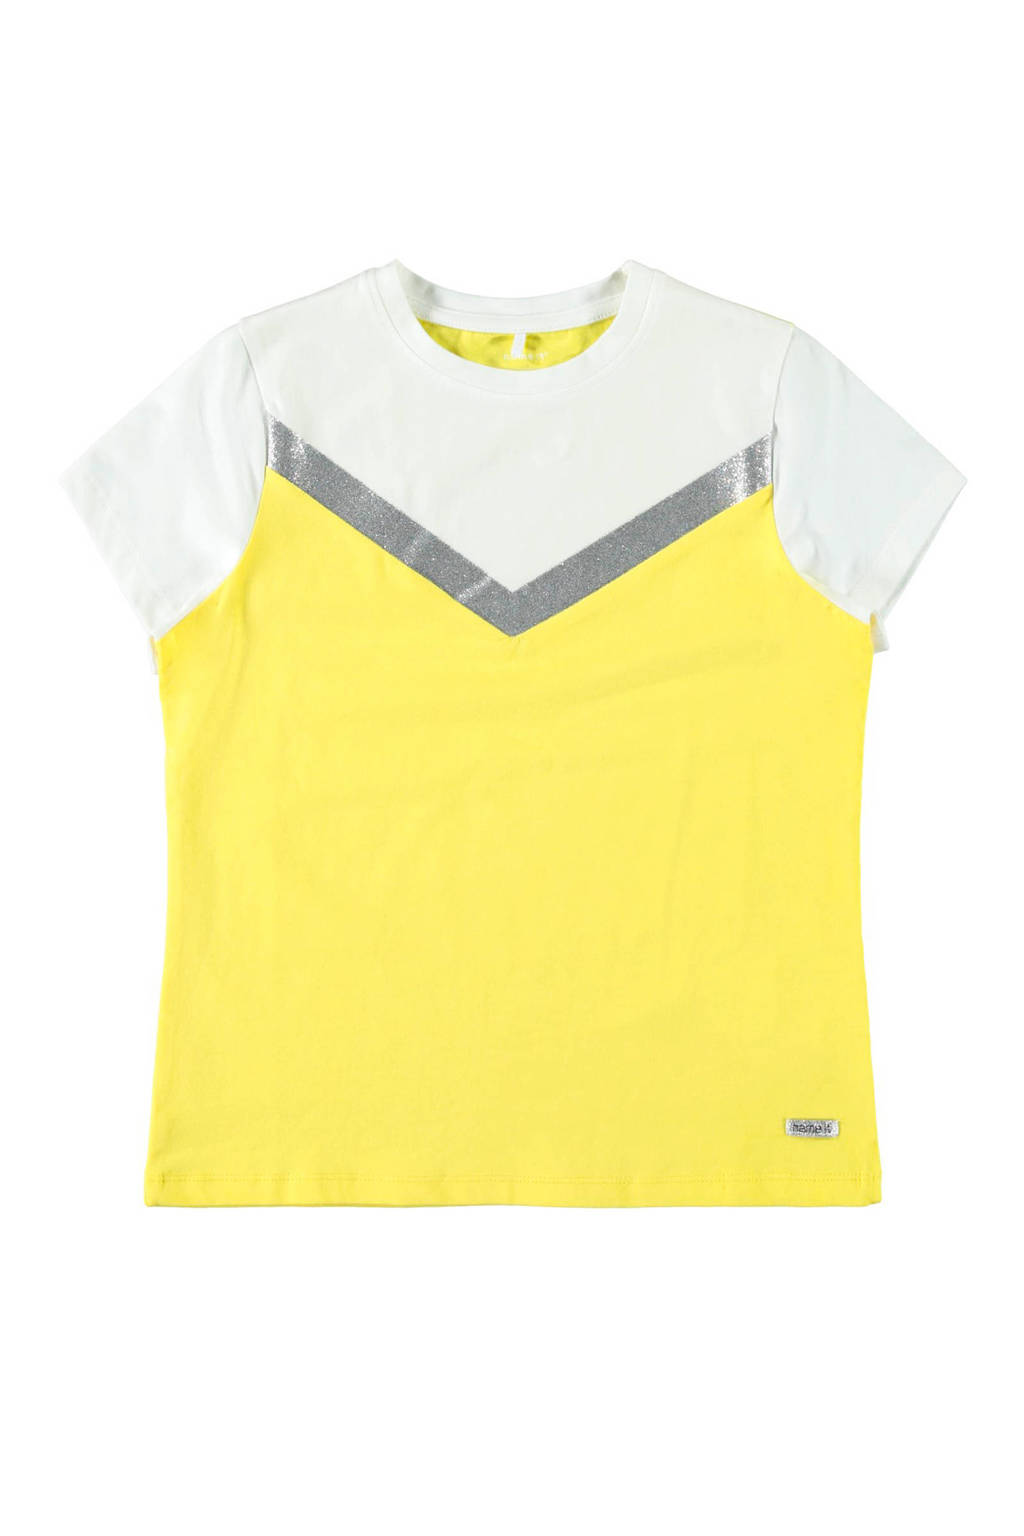 NAME IT KIDS T-shirt Dassia geel/wit/zilver, Geel/wit/zilver